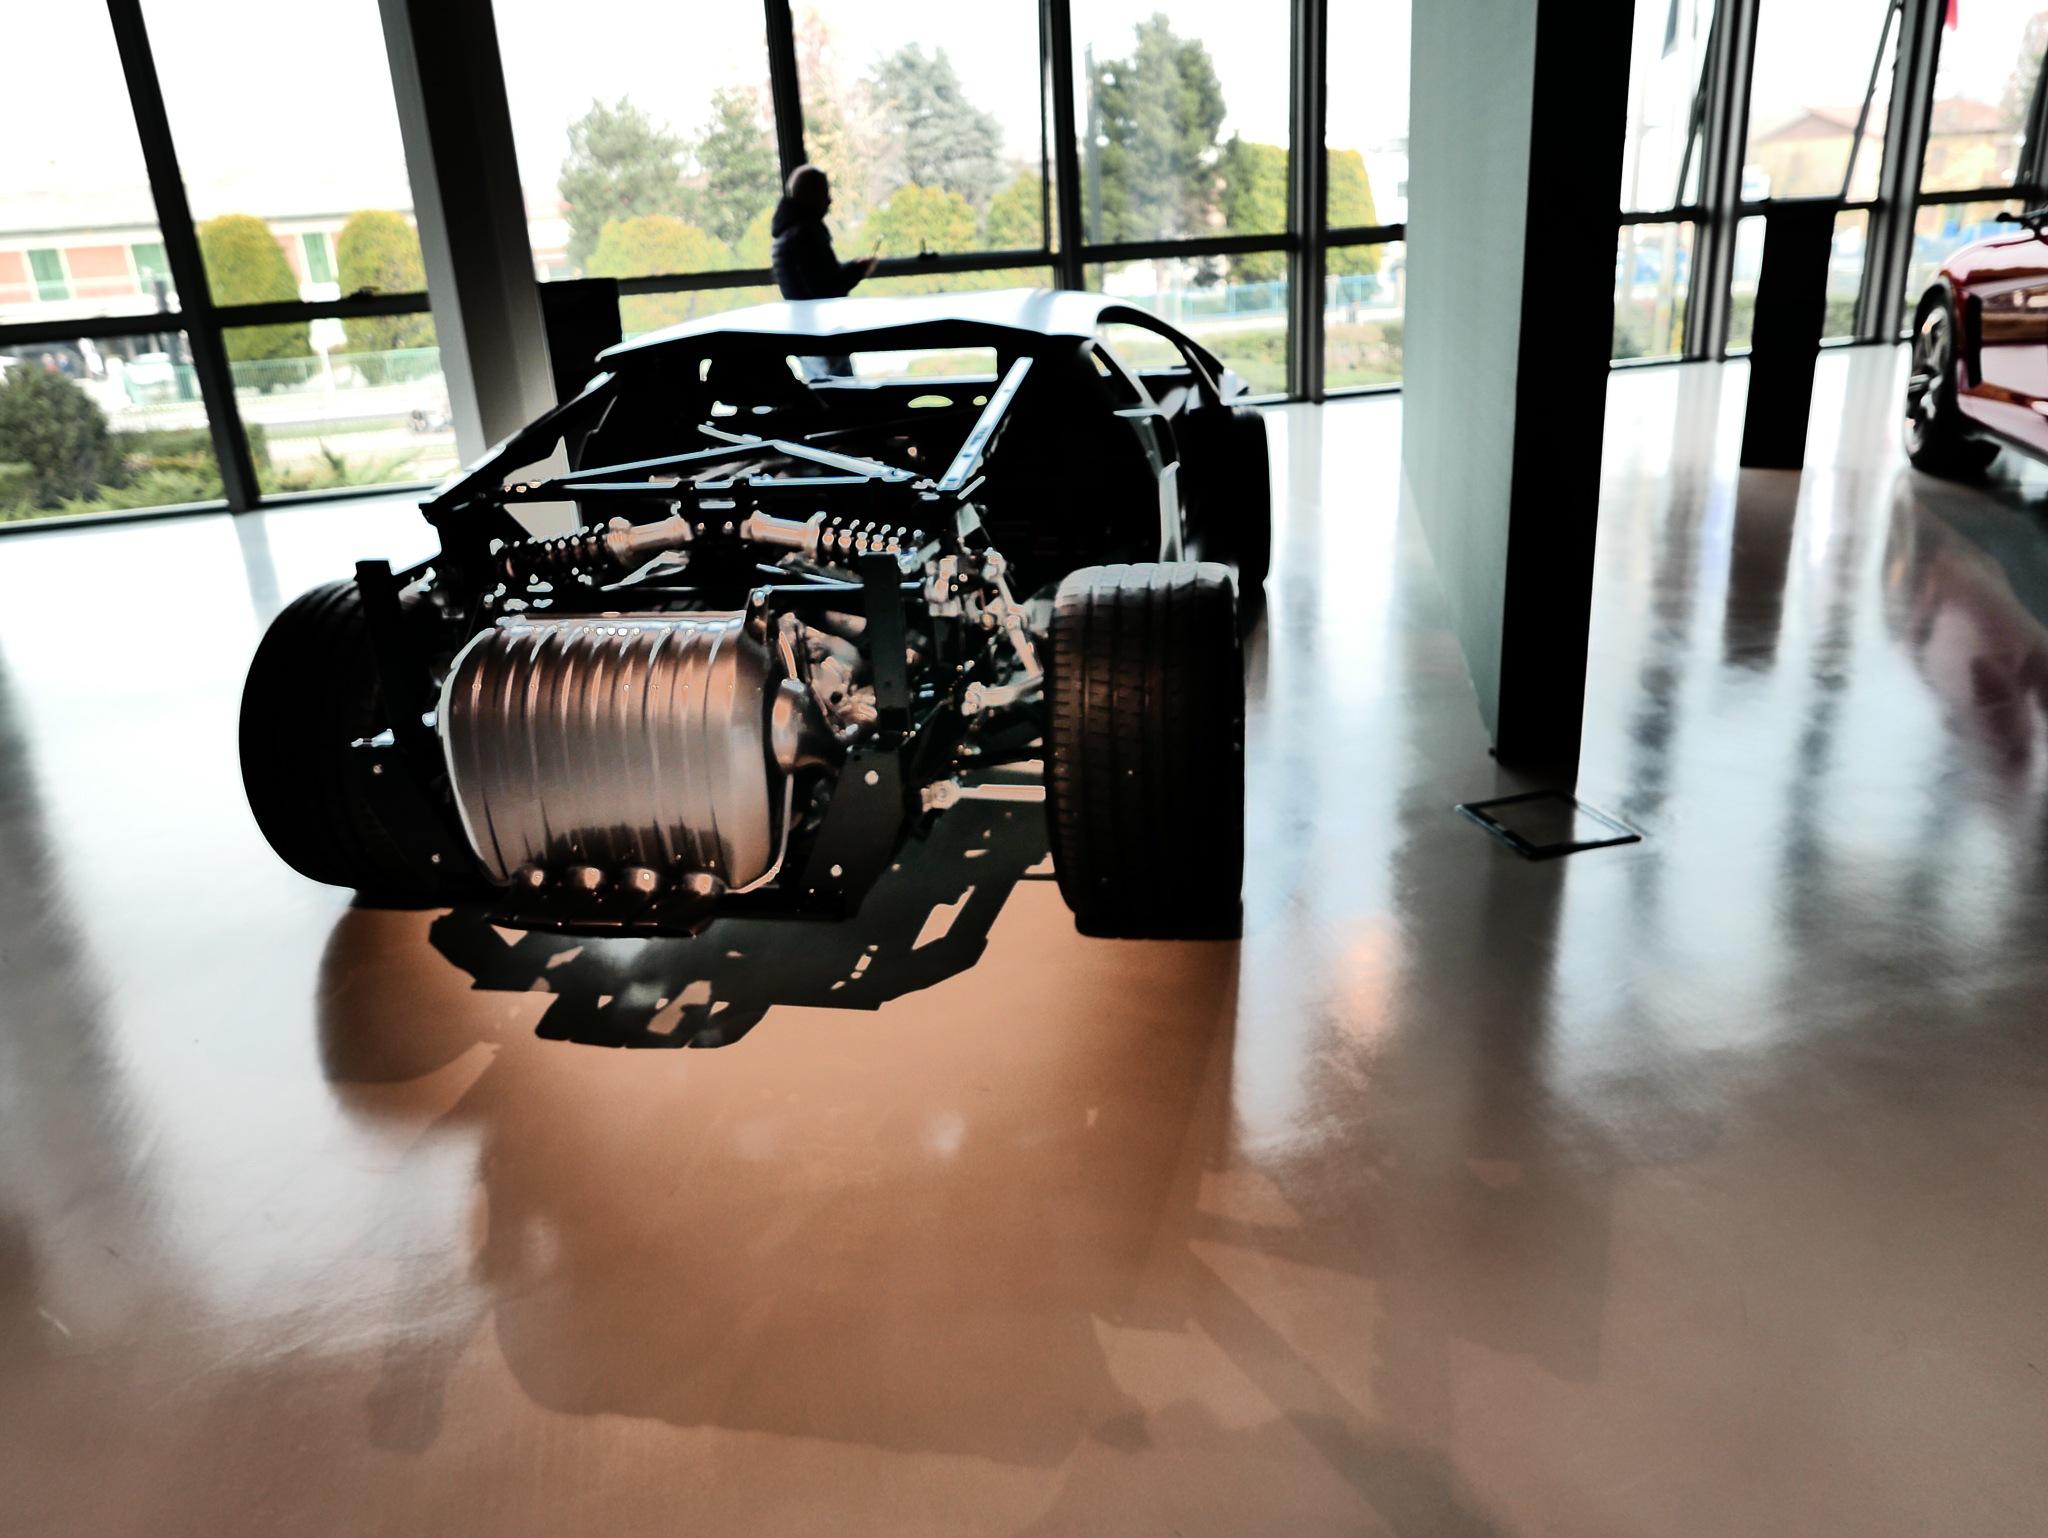 Lamborghini Factory - S.Agata Bolognese, Bologna Italy by Mau056